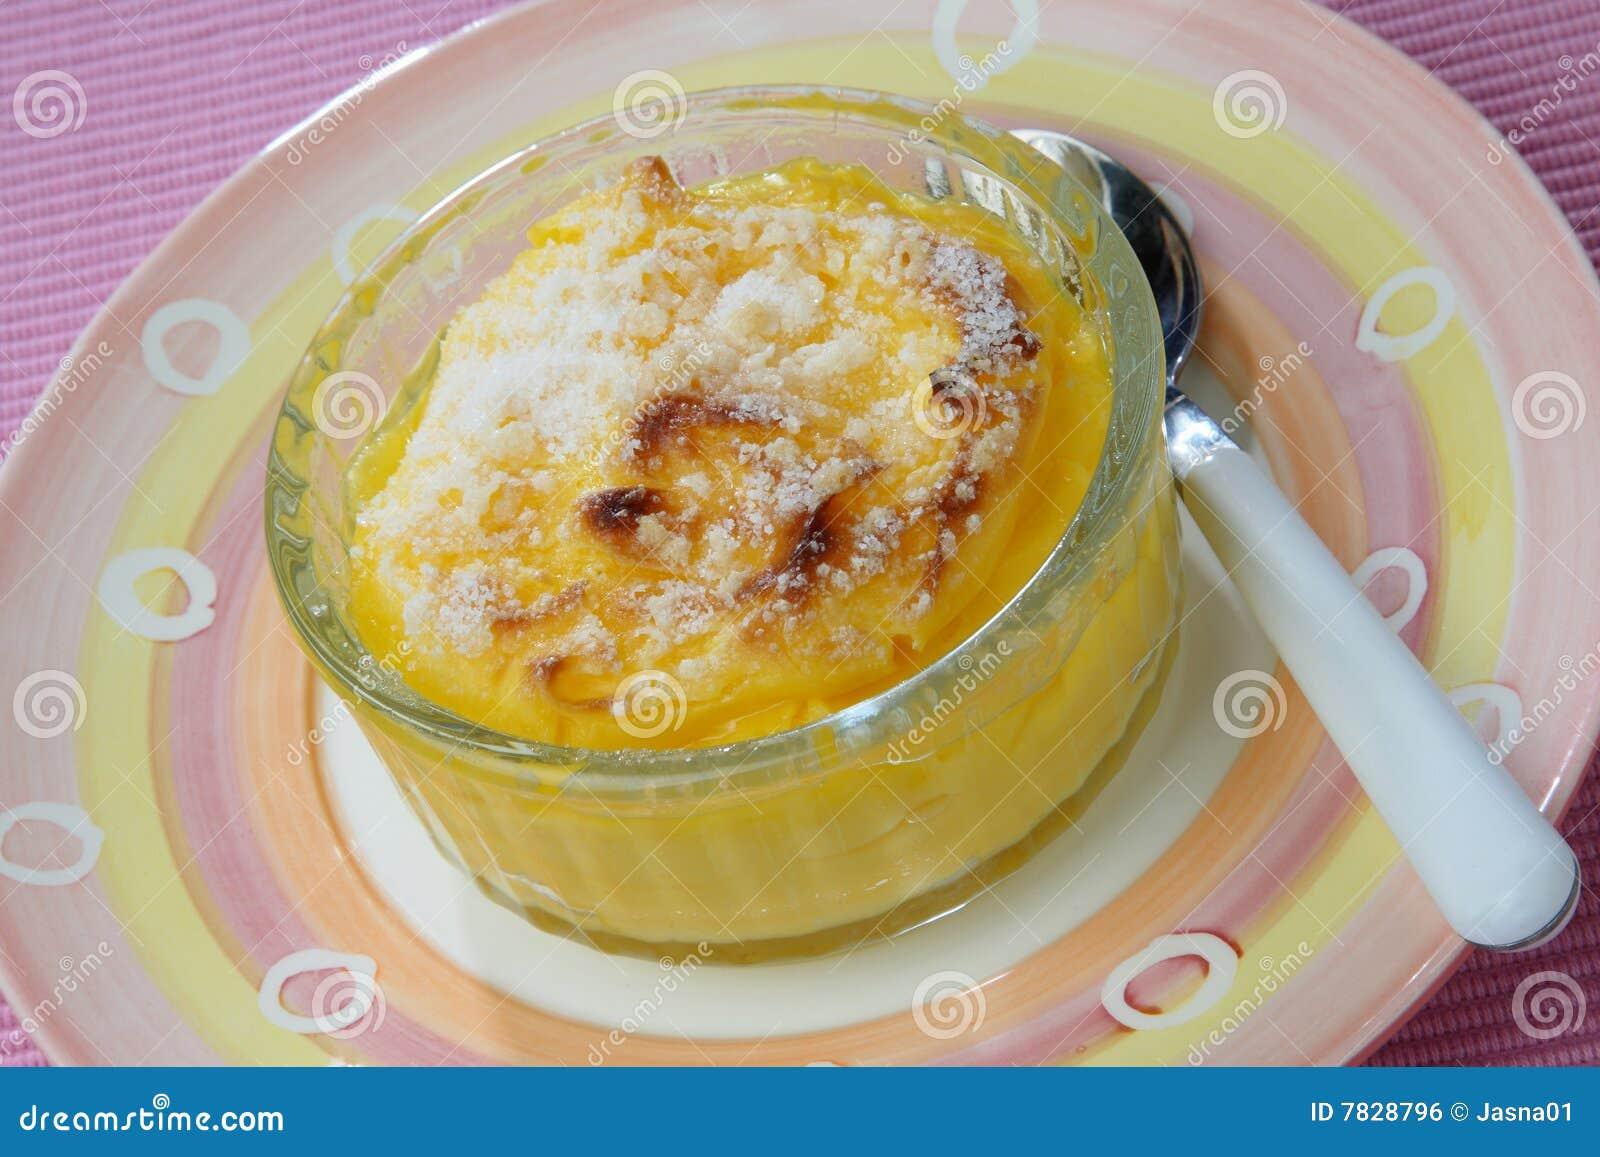 postre de huevo y azucar